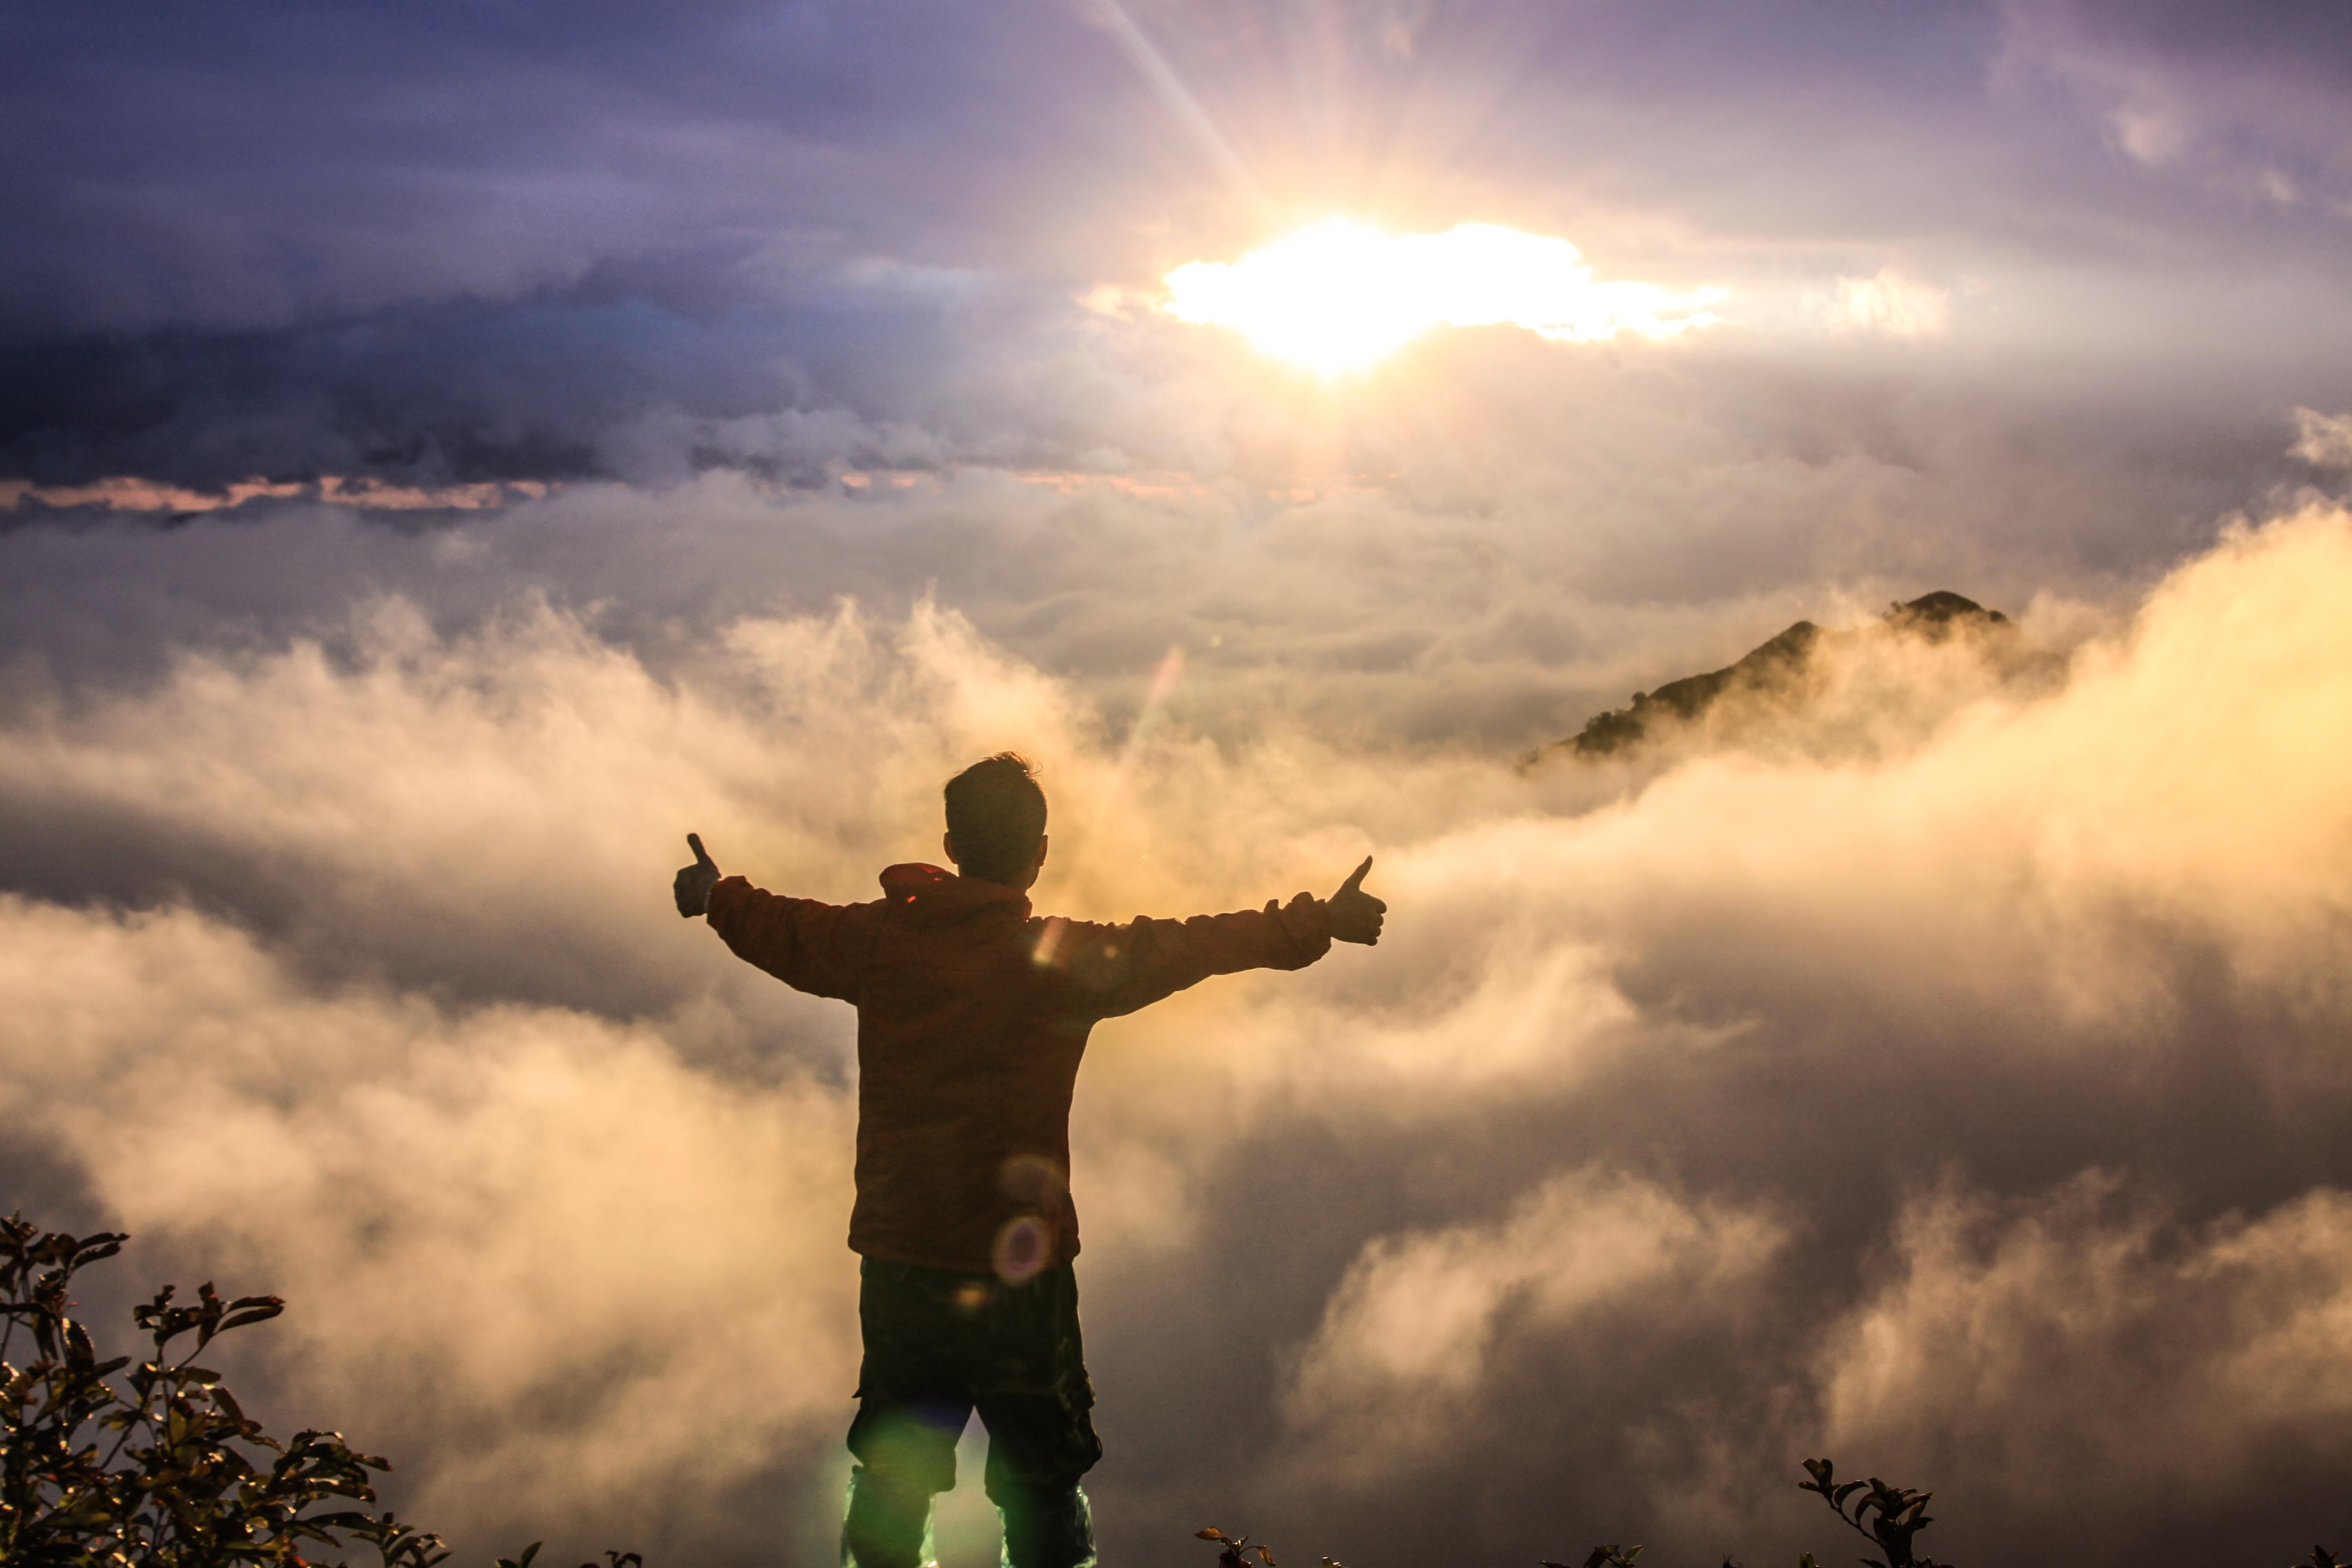 Ich mache dich rot, um spirituelle Erfahrungen zu verlieren spirituelle Erfahrungen zu verlieren